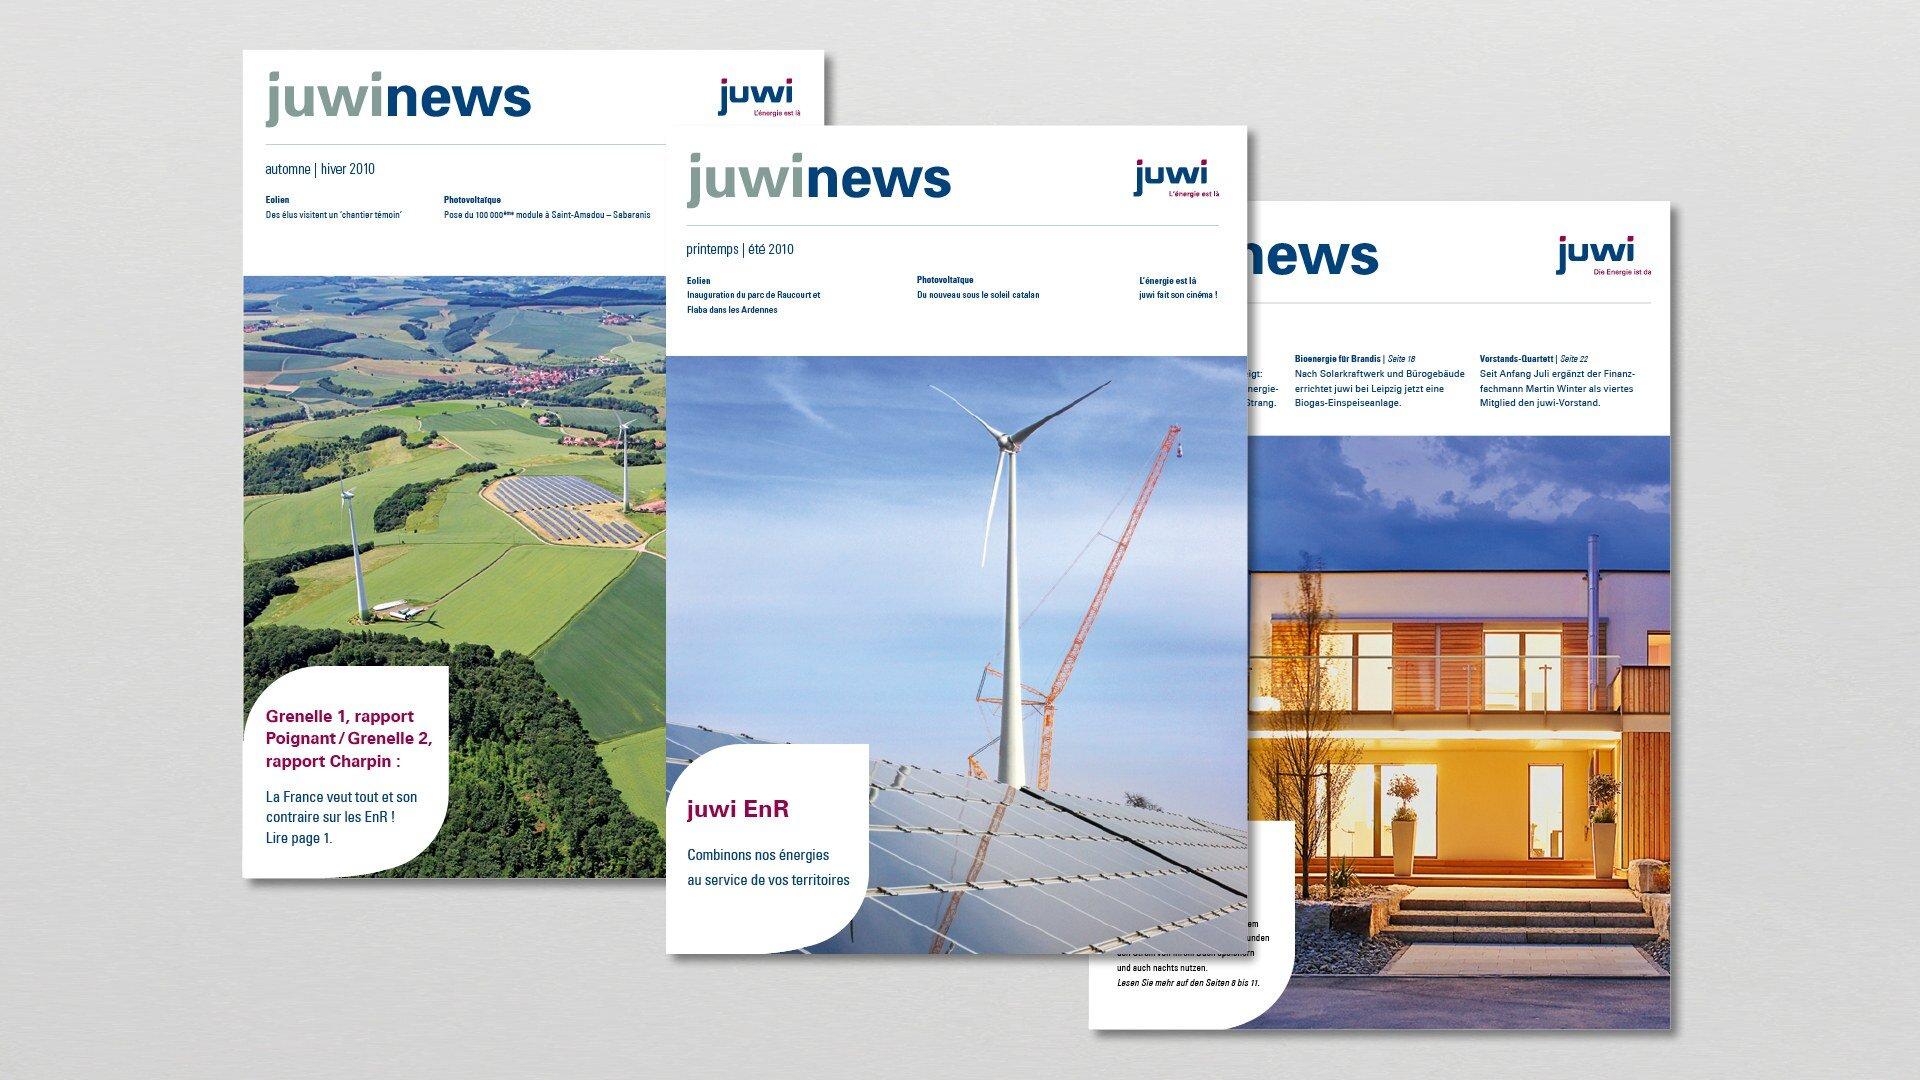 juwi Corporate Publishing Mitarbeitermagazin Juwinews